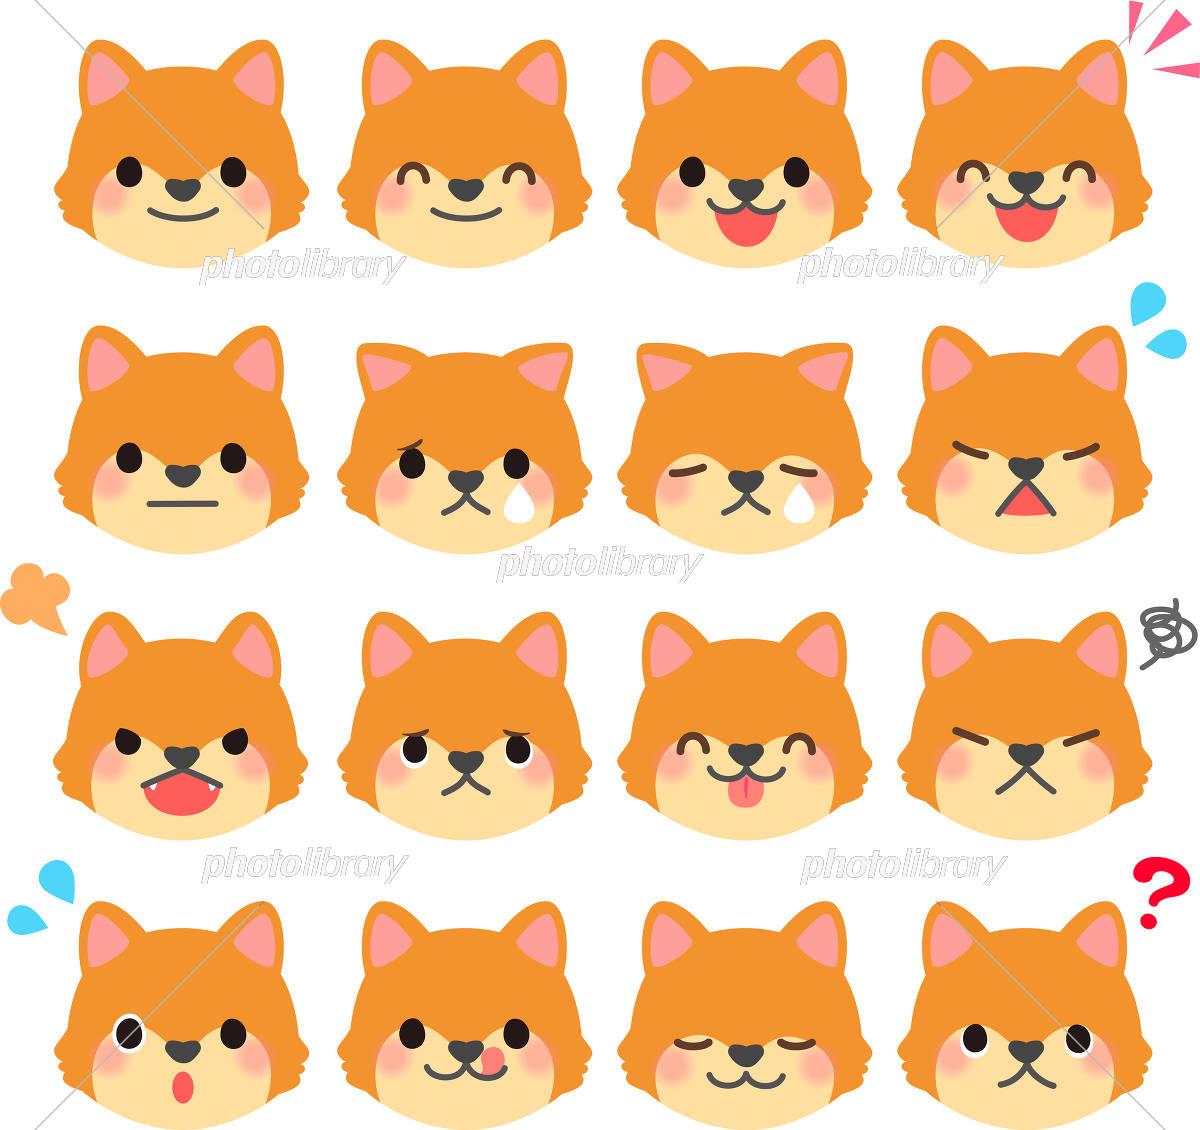 犬の表情のイラストセット イラスト素材 [ 5261011 ] - フォトライブ